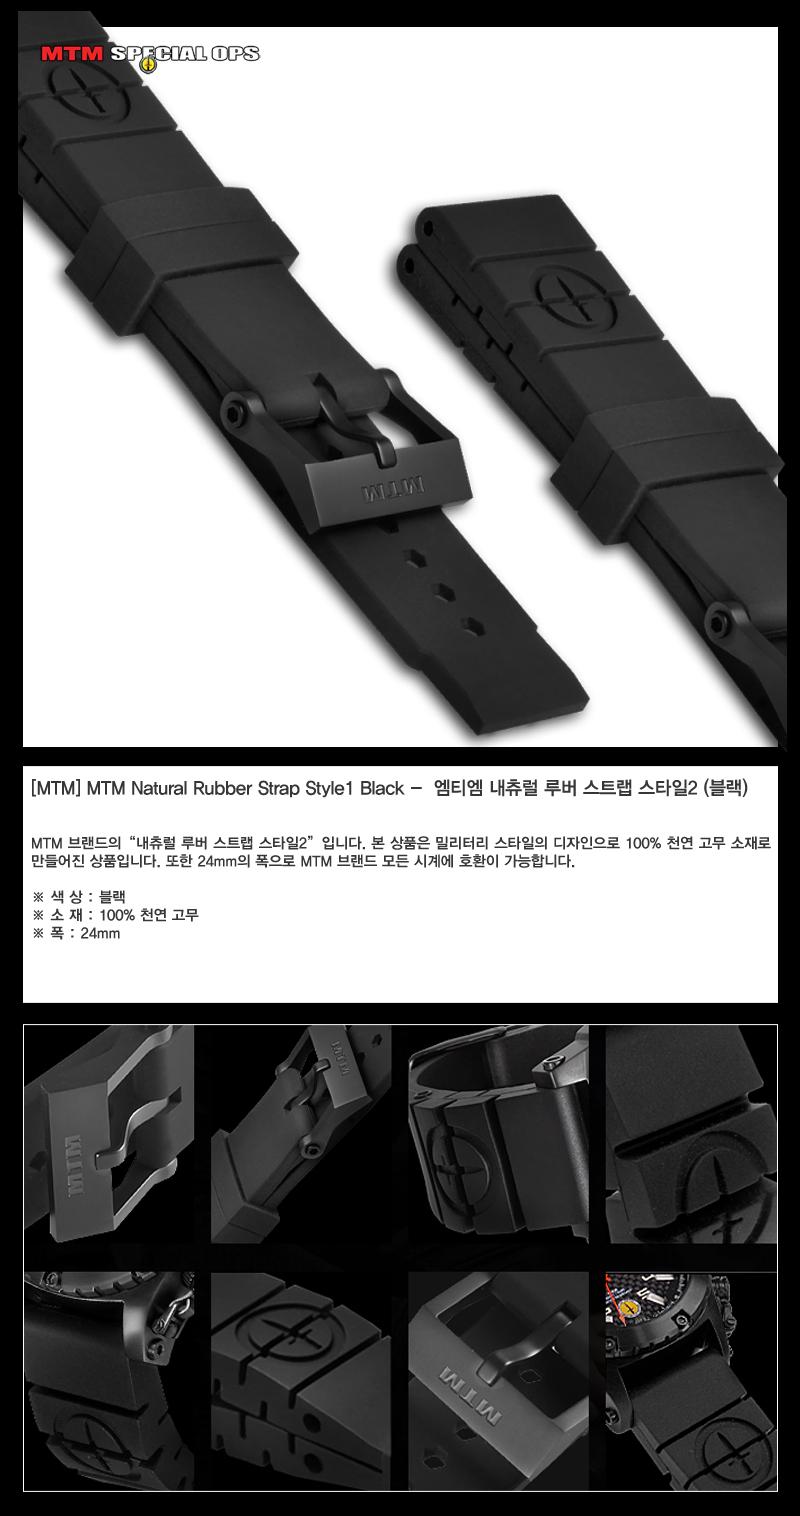 엠티엠(MTM) 내츄럴 루버 스트랩 스타일2 (블랙)